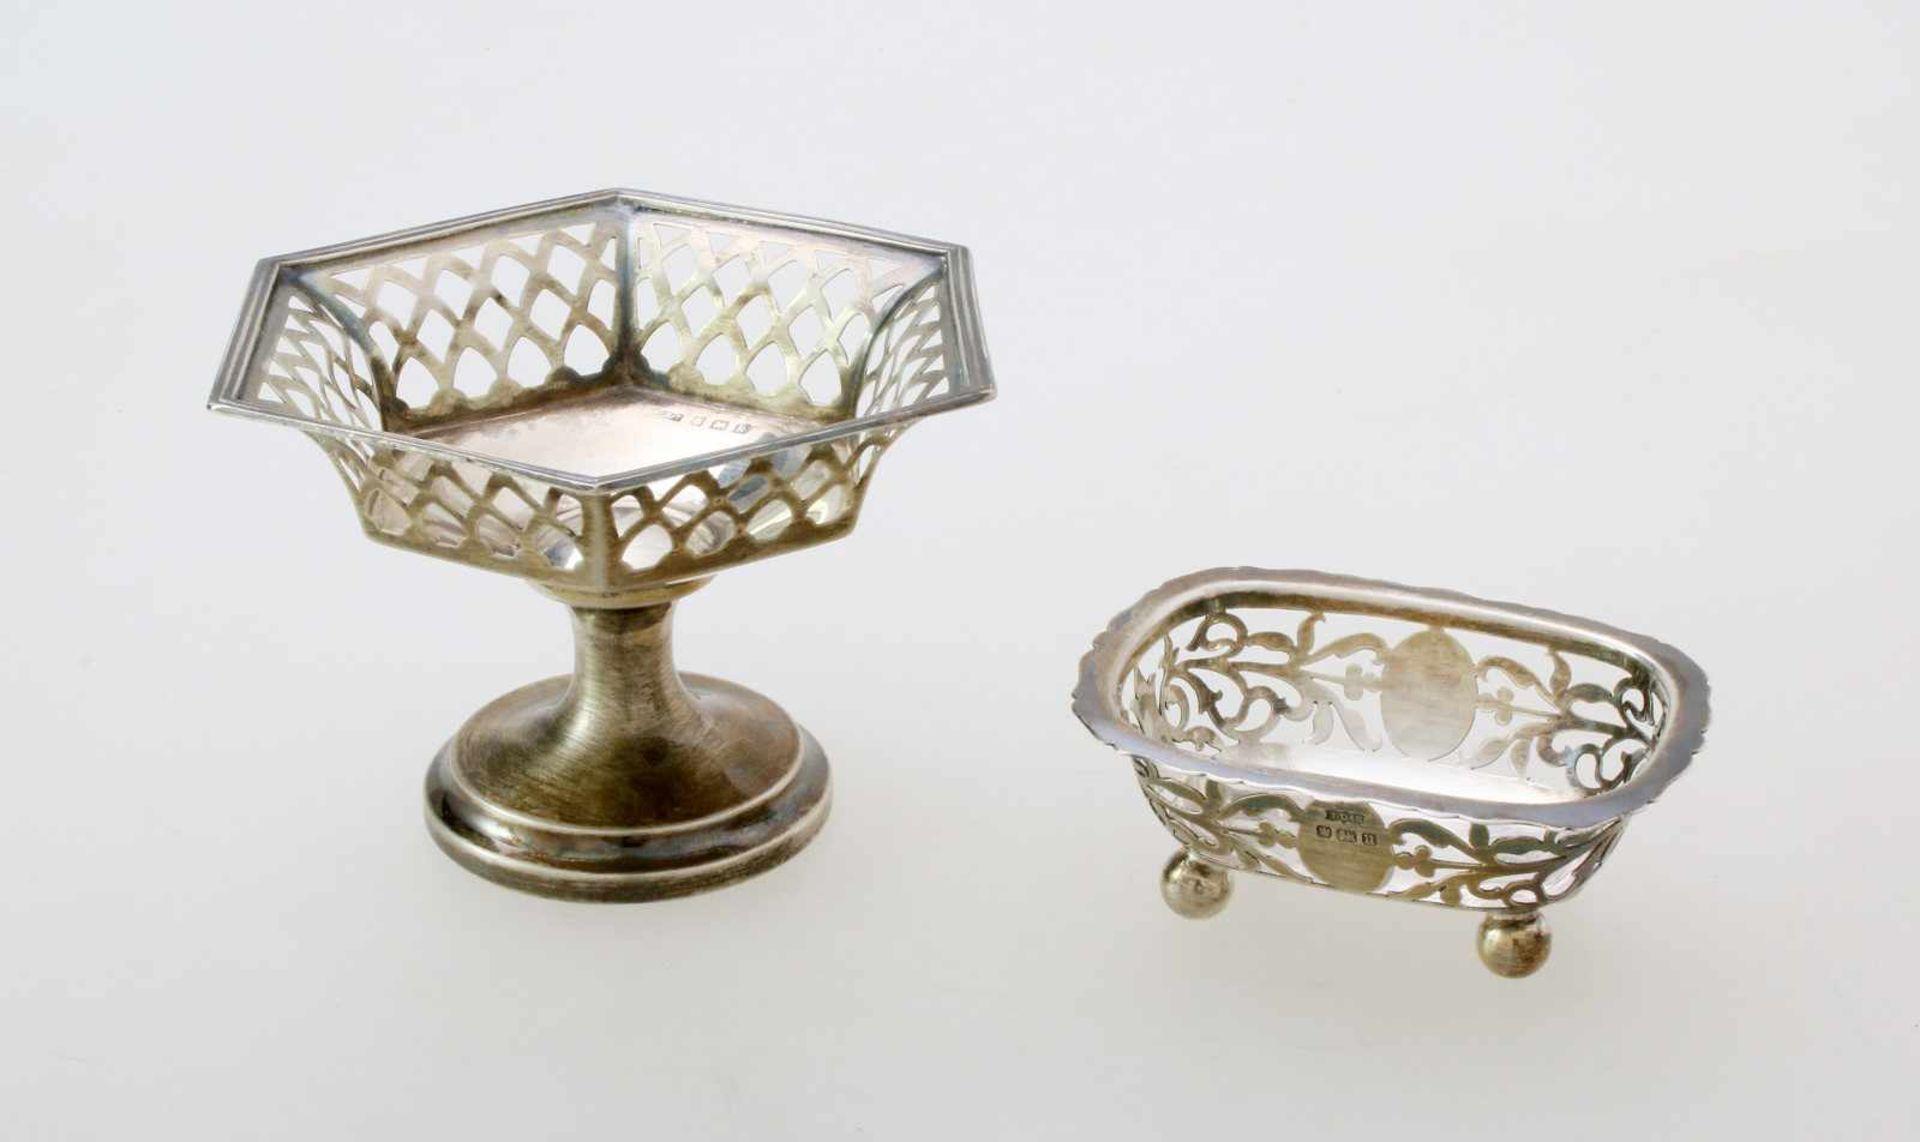 2 englische Silberschälchen - 19. JahrhundertBeide 925er Silber. 1x Birmingham, durchbrochene